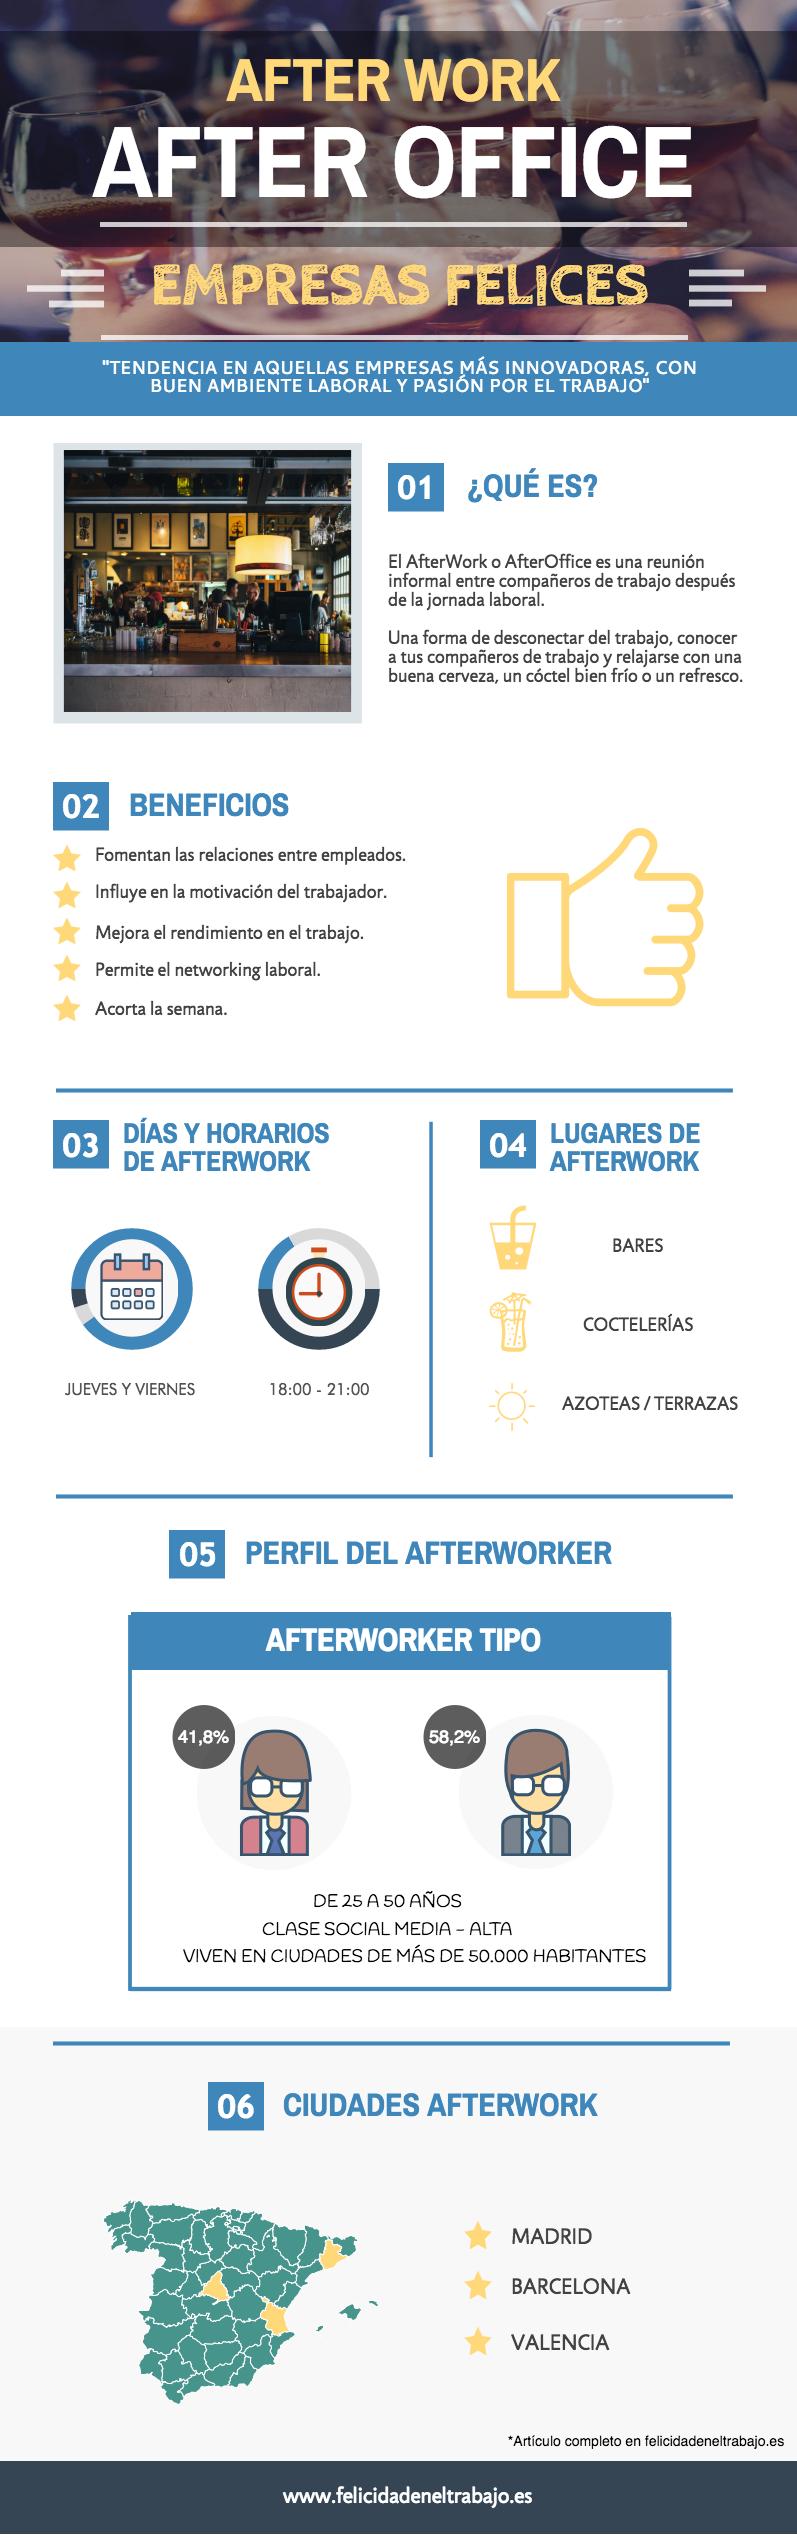 After Work: Empresas Felices #infografia #infographic #rrhh